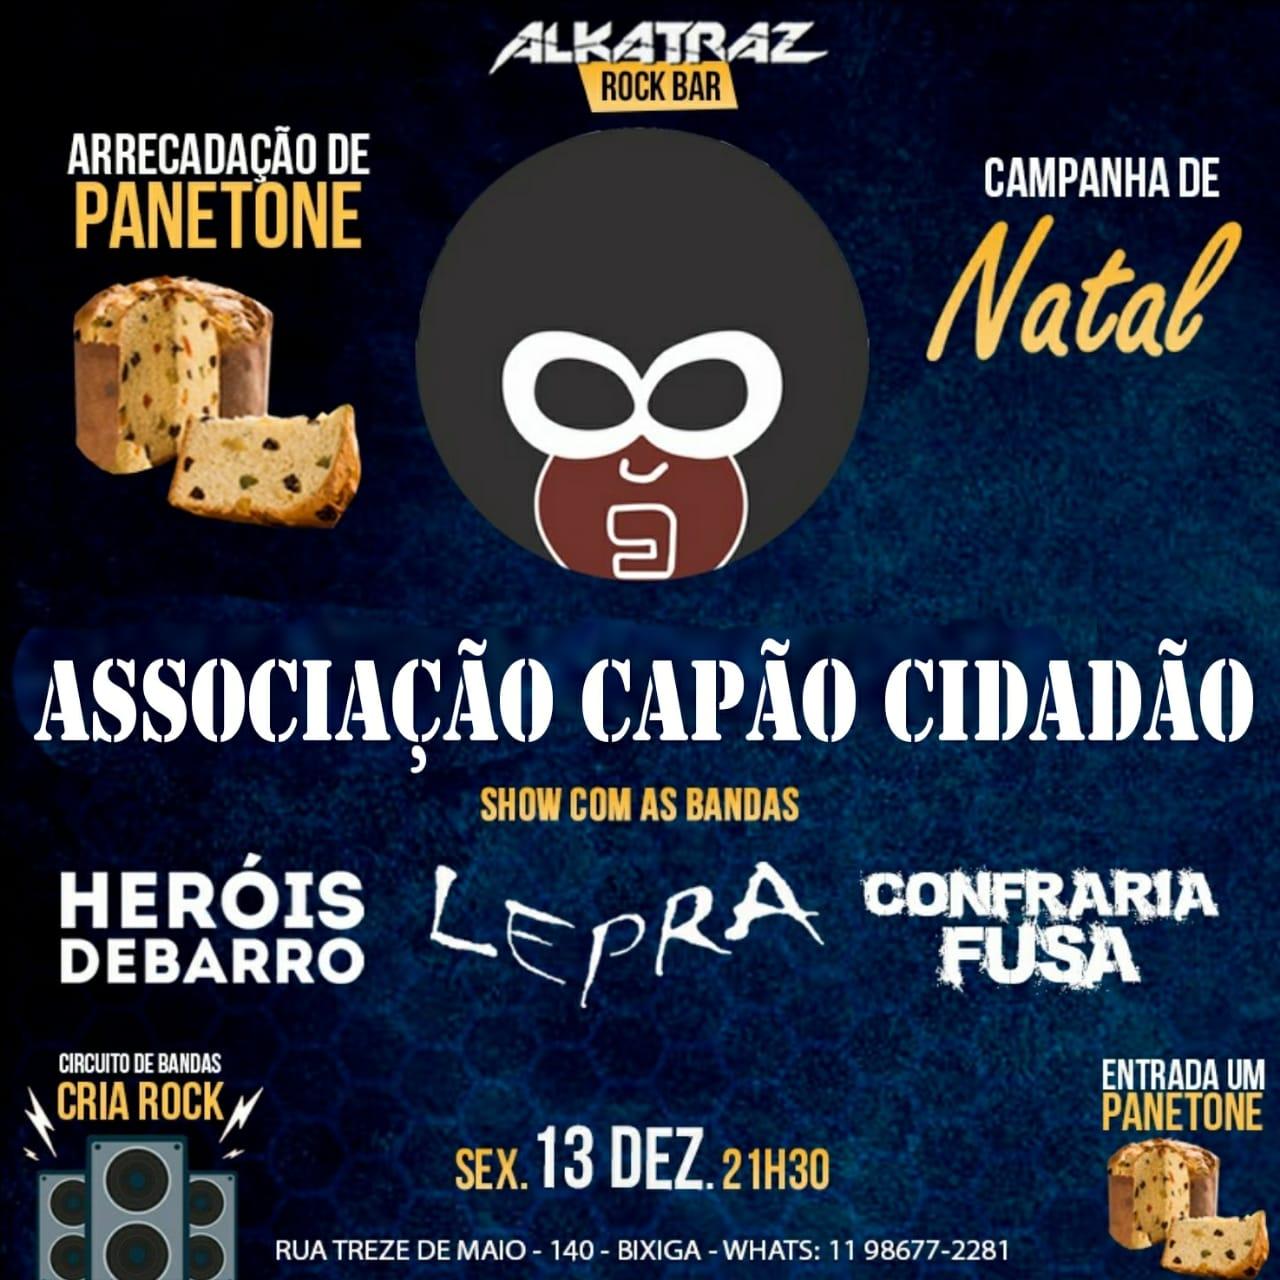 Evento beneficente em São Paulo com muito Rock.